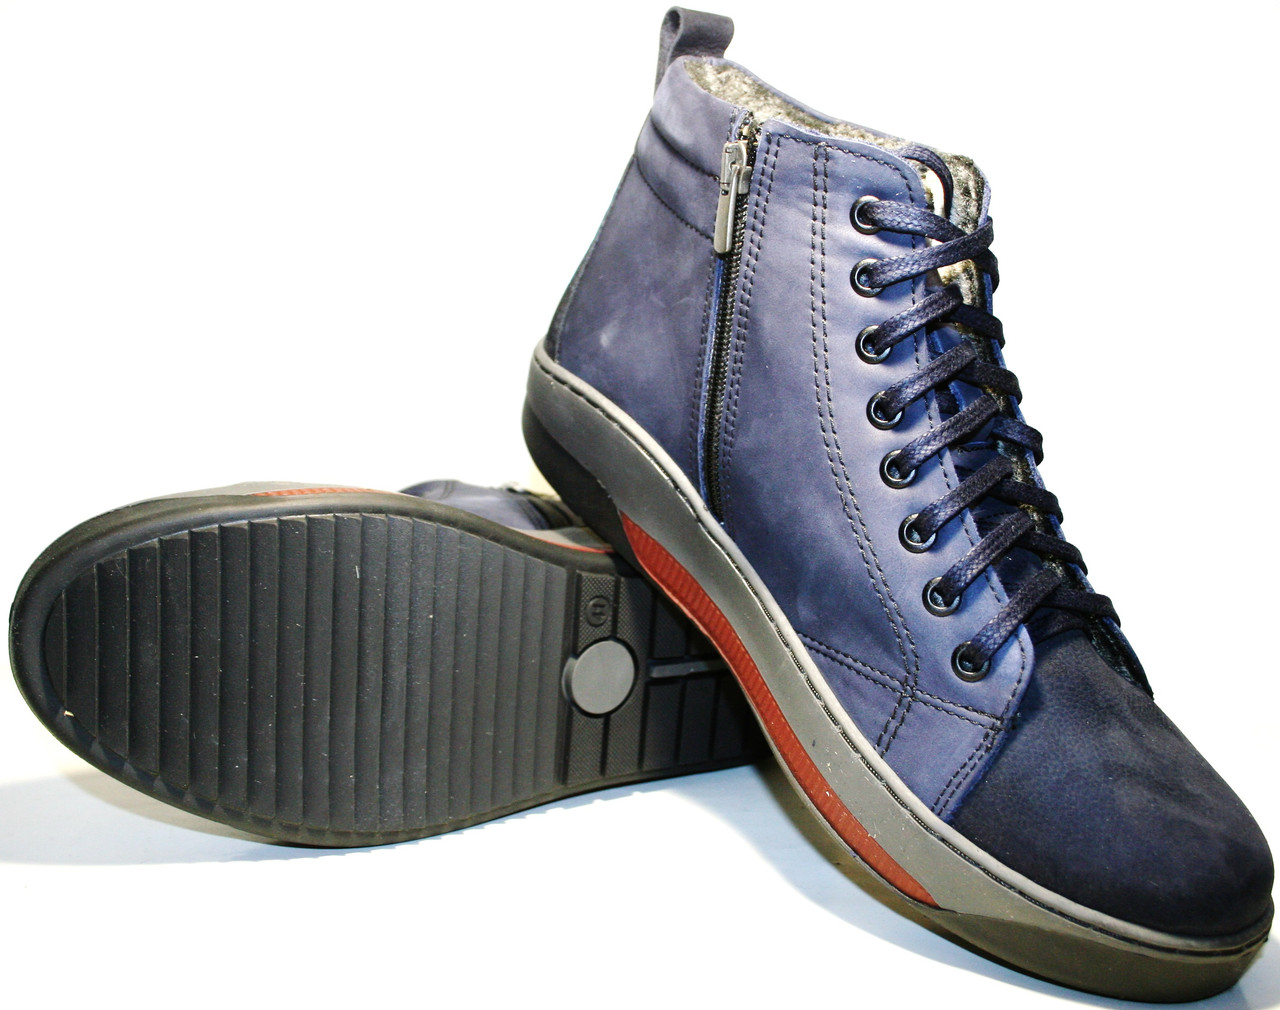 6f816dfcb100 Молодежные зимние ботинки мужские кожаные синие кожаные Pandew - Интернет- магазин